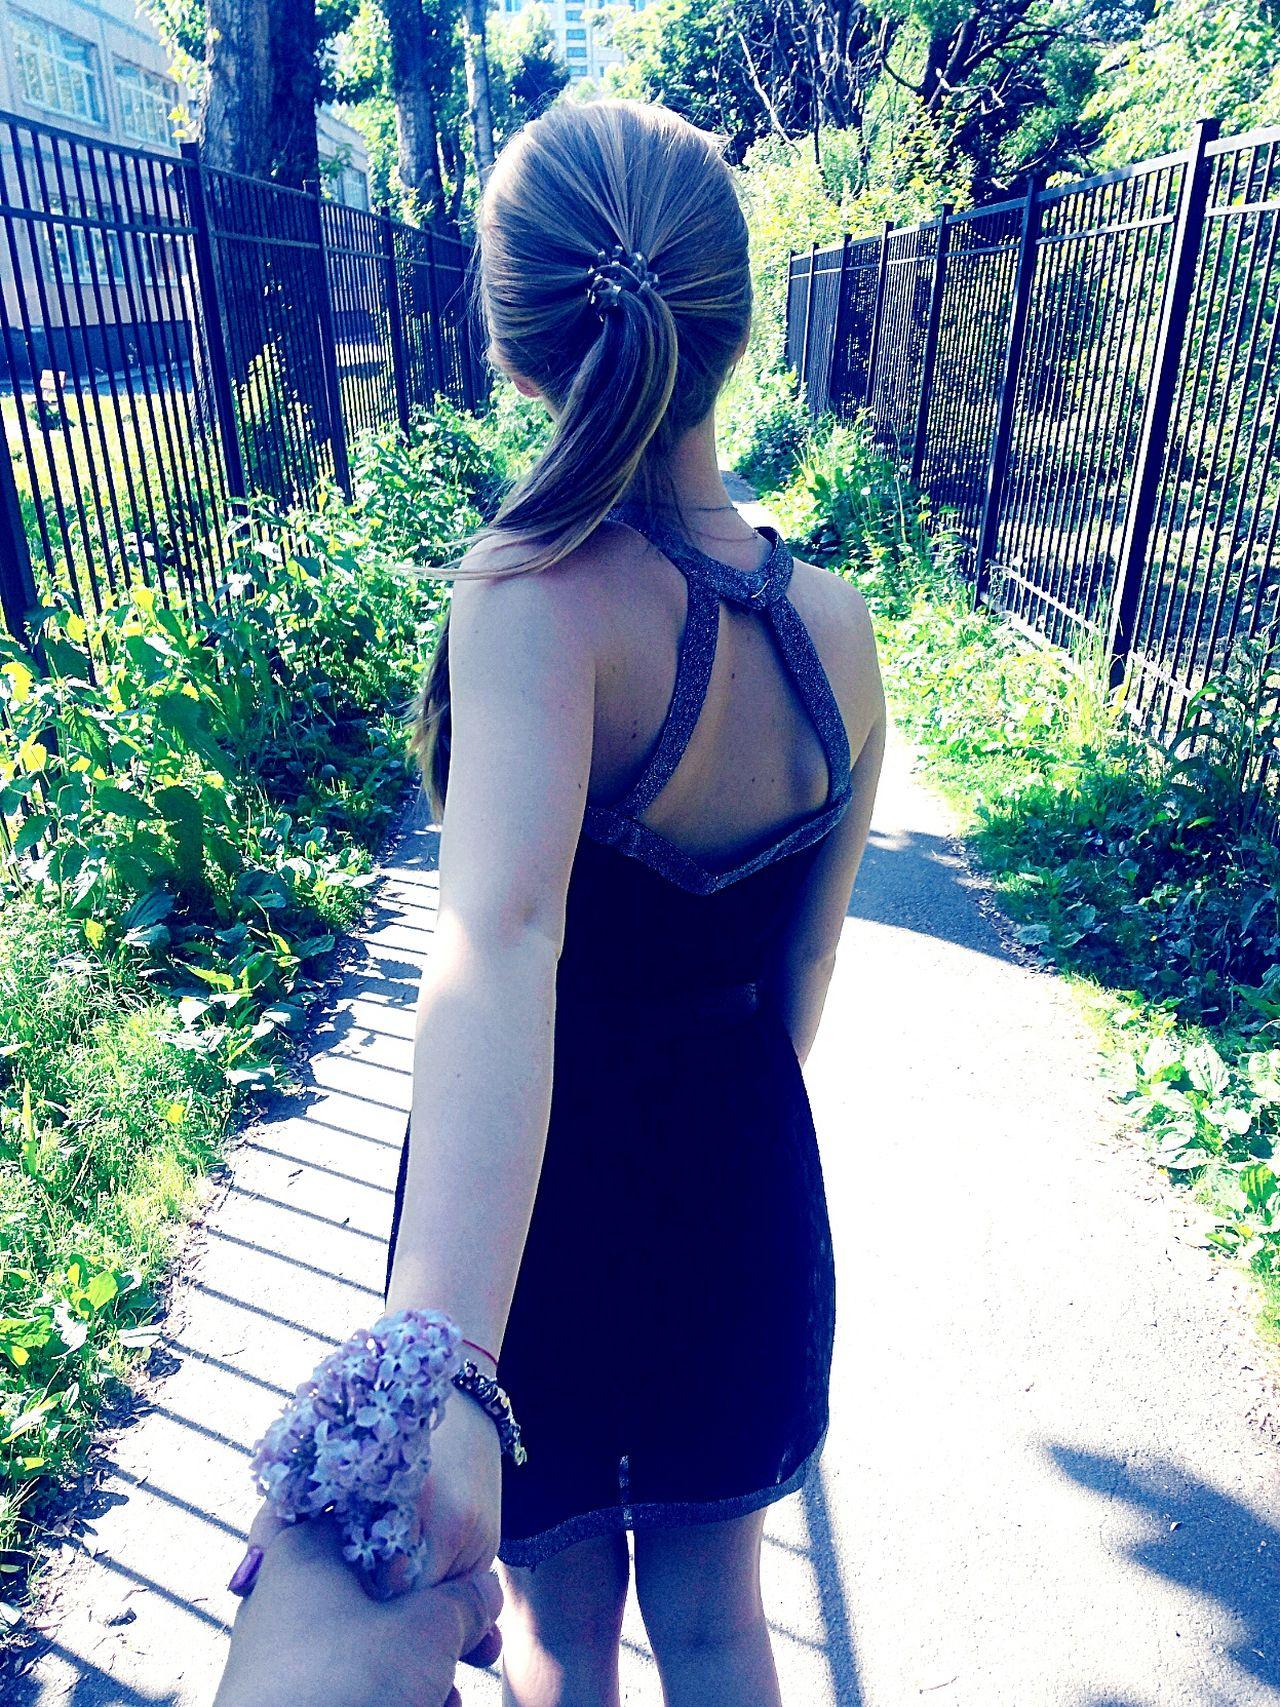 Love ♥ Day Russia Sunlight Summer Sunshine Russian Federation Nikolaypanyan Travel Real People OneLove Heart ❤ Lovelovelove People Sunktpetersburg